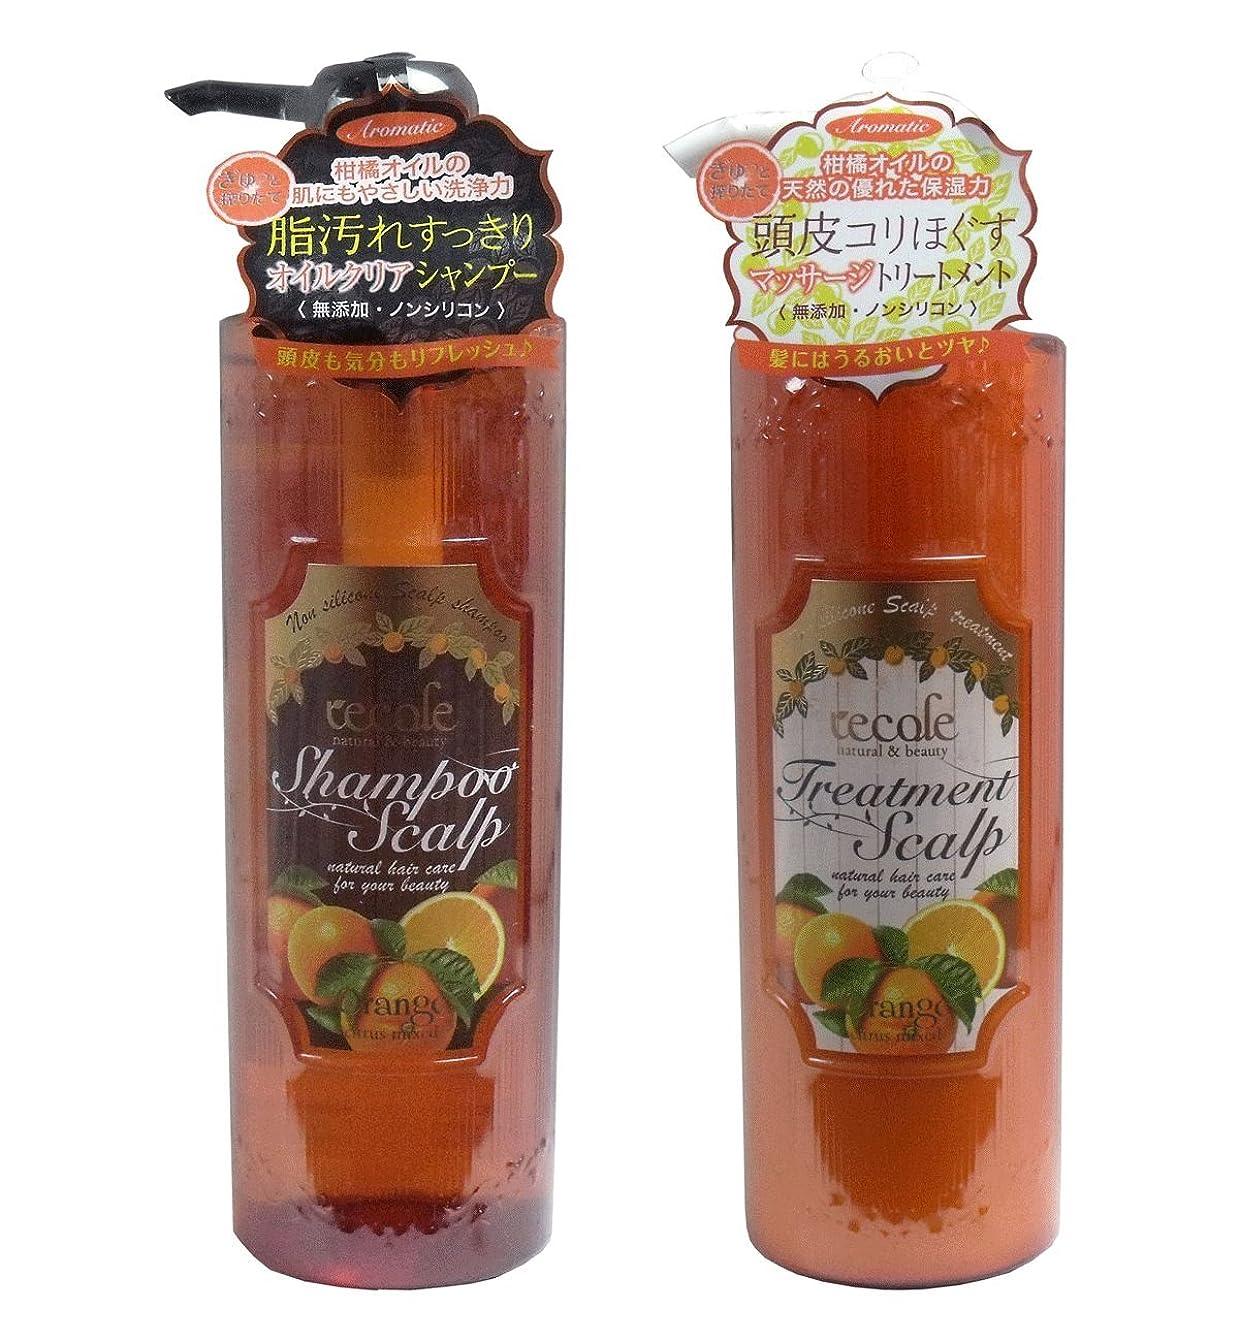 スタッフ後方にバングラデシュレコル ノンシリコンオイルクリア オレンジの香り シャンプー&トリートメントの2点セット(各500ml )